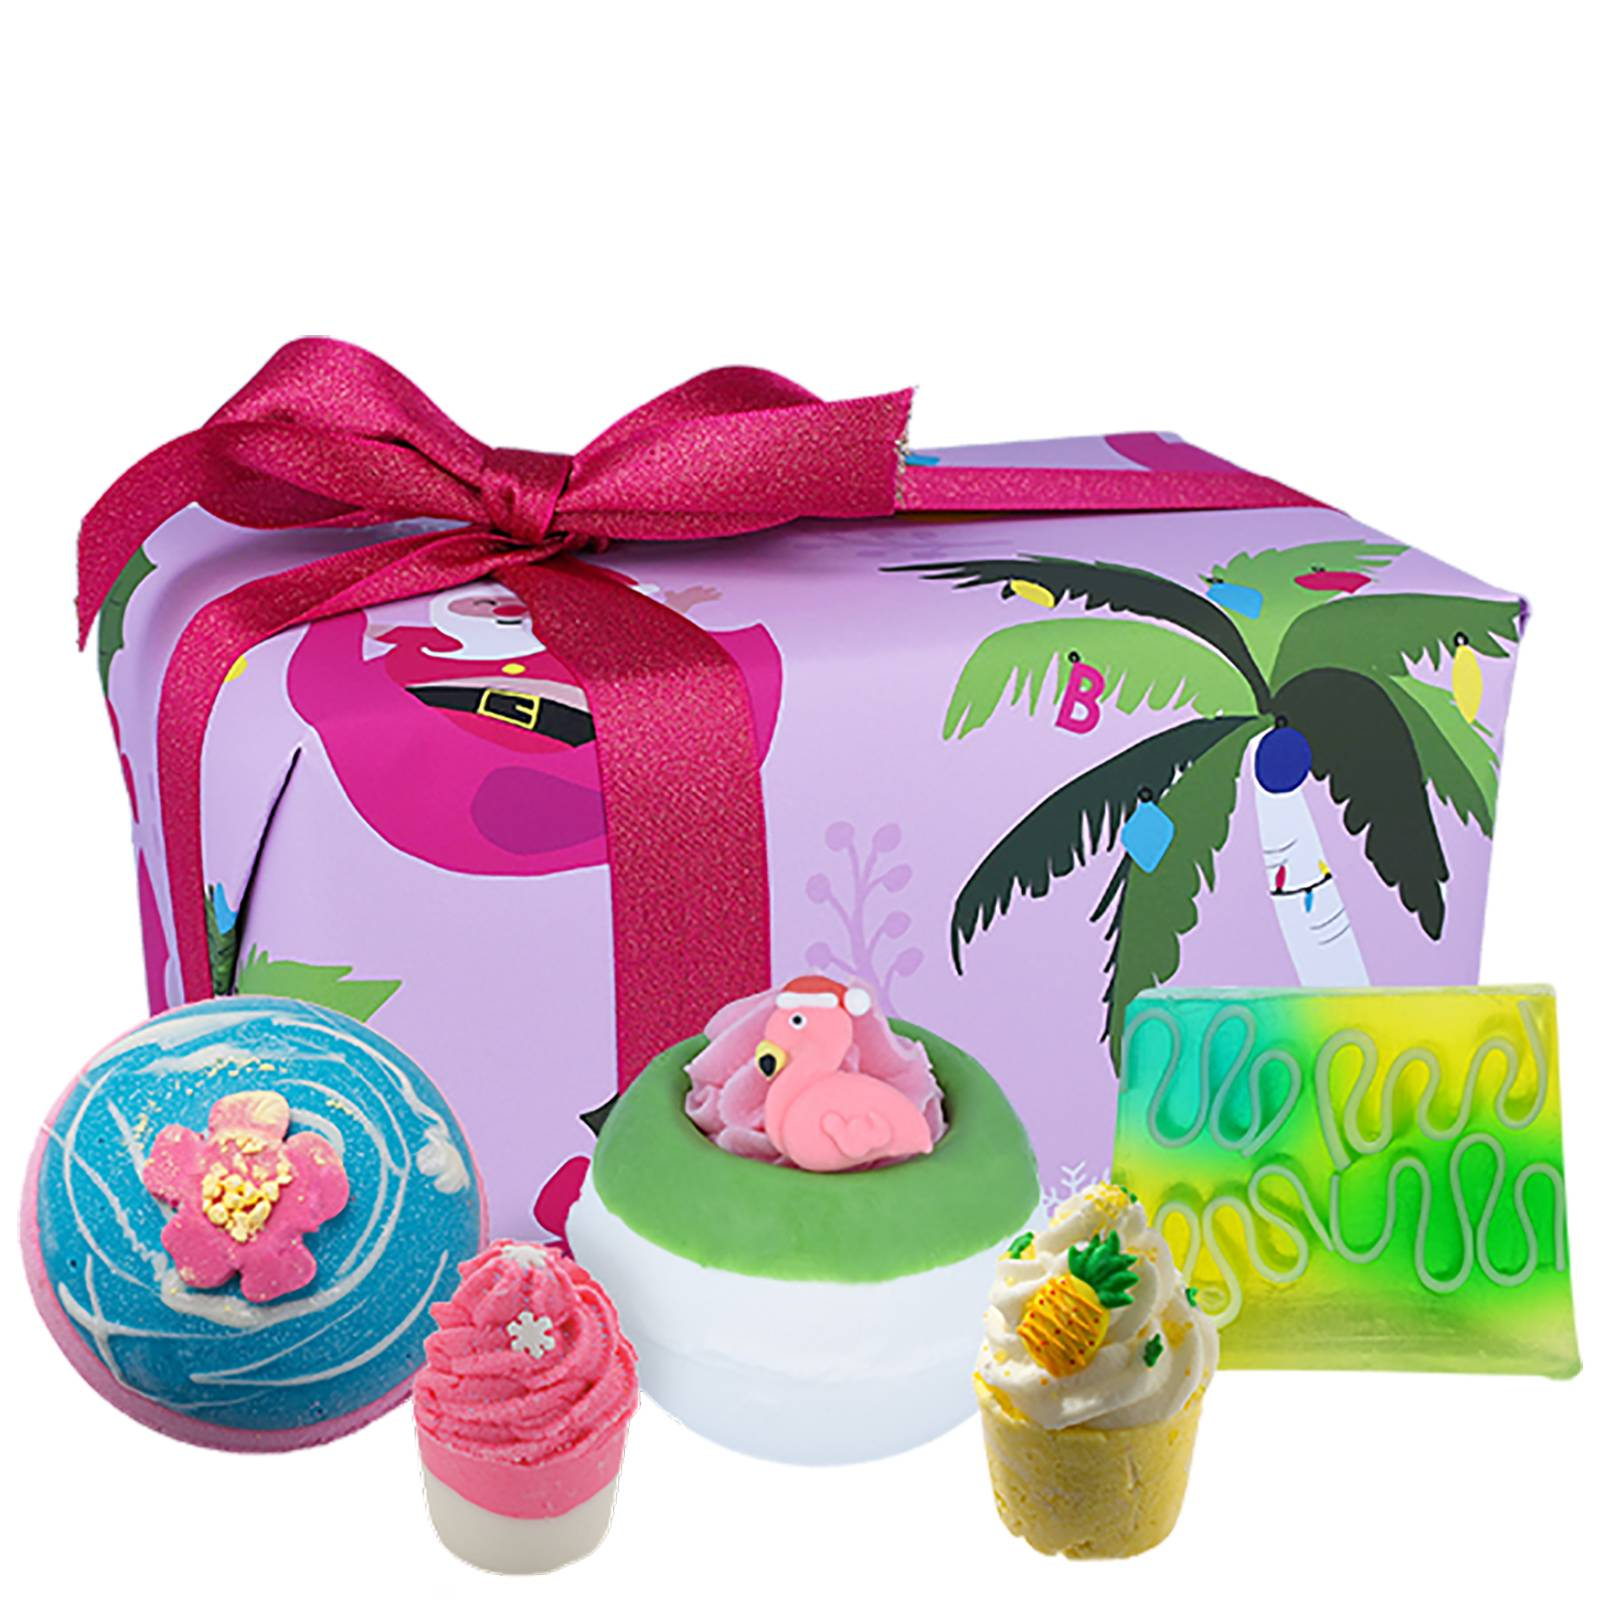 Bomb Cosmetics Christmas 2020 Pacchetto regalo Tropicana di Natale